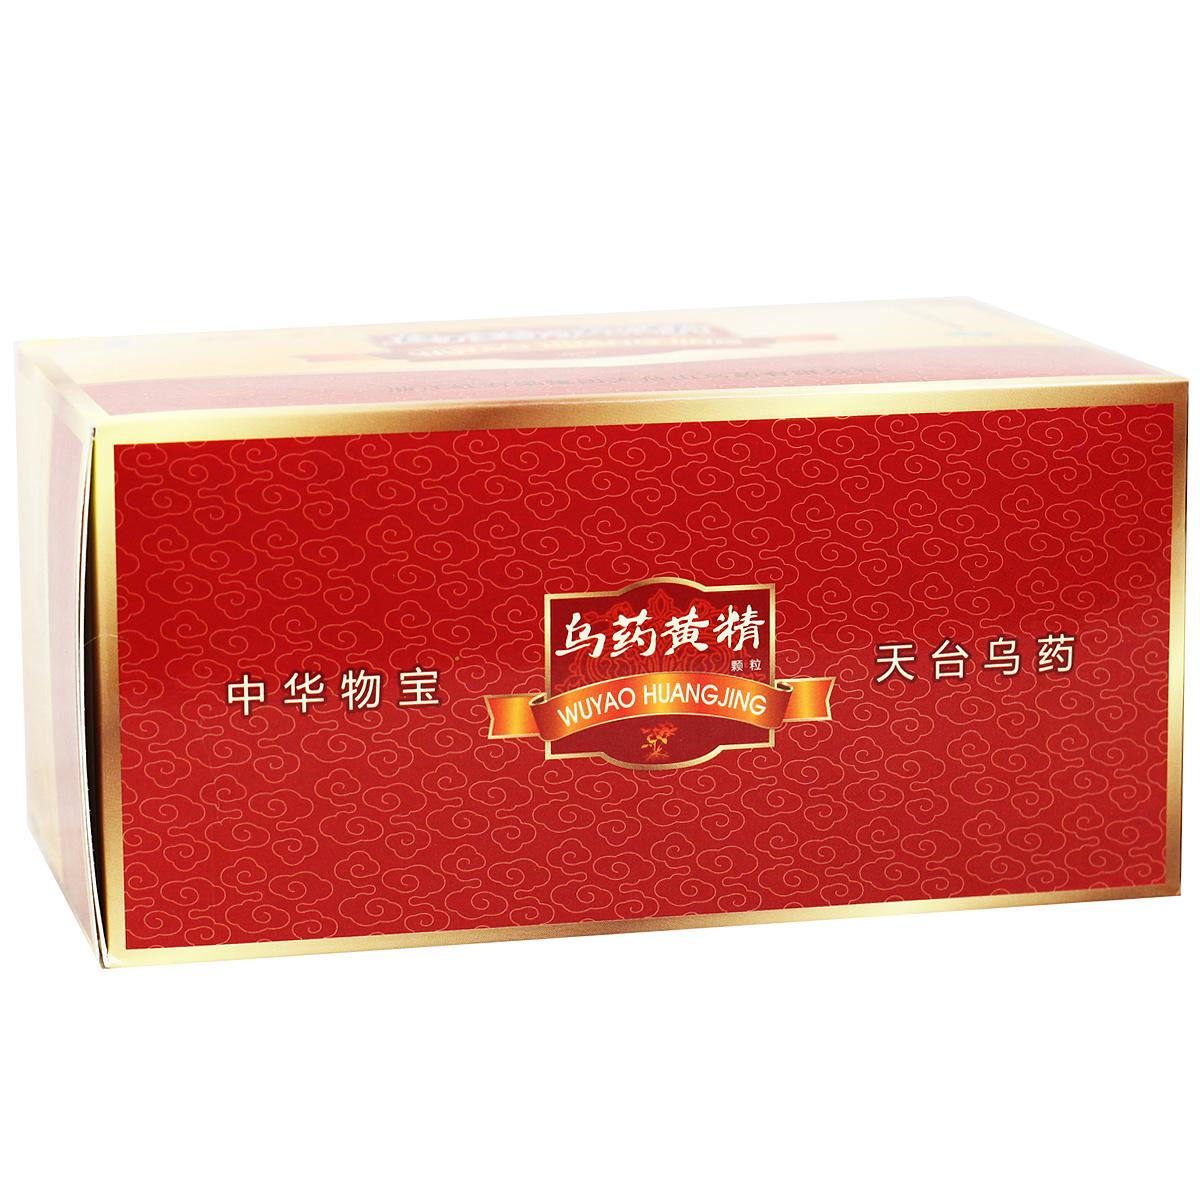 台乌牌乌药黄精颗粒4g*10包,图片浏览